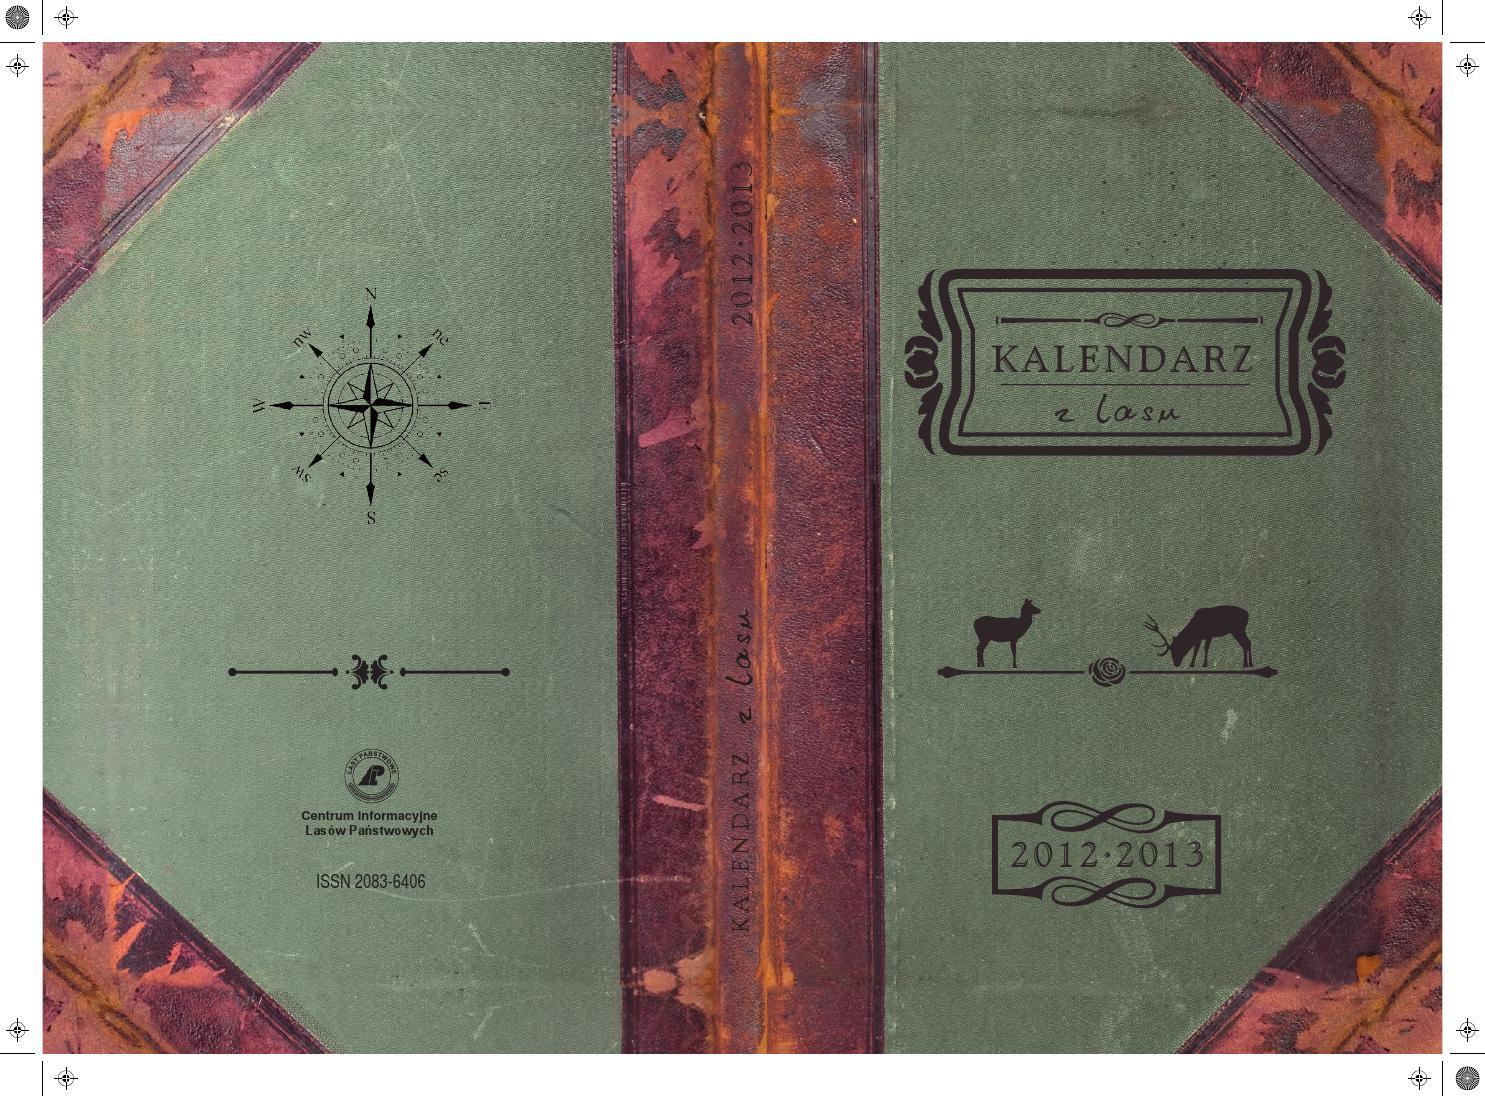 80d217df5be05 Kalendarz z lasu 2012/2013 by Lasy Państwowe - issuu